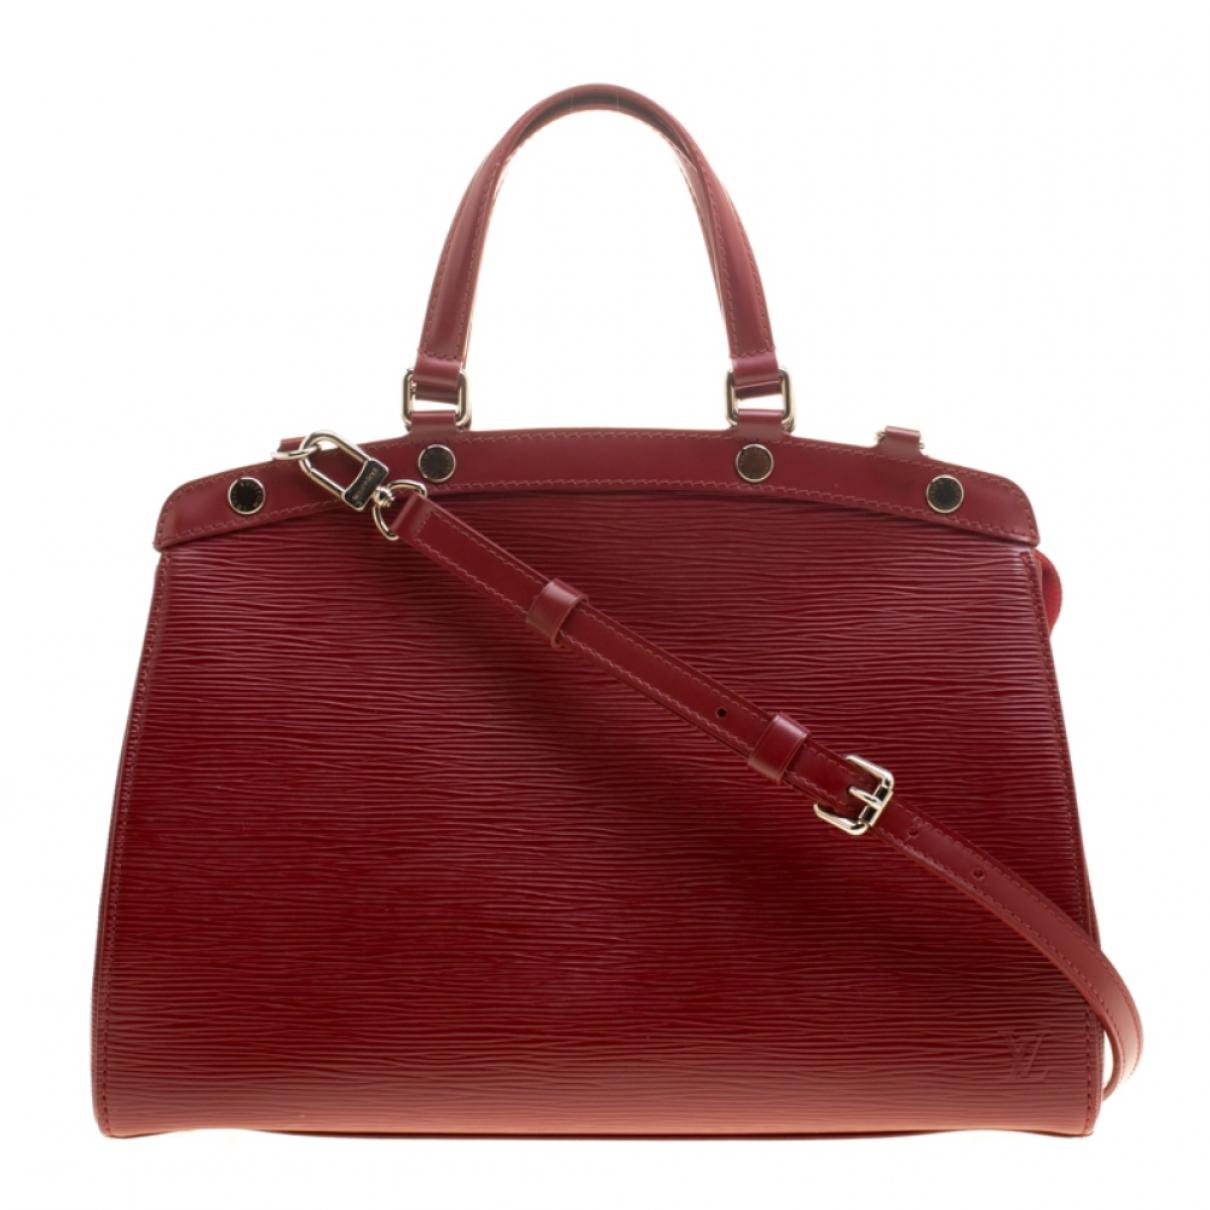 Louis Vuitton - Sac a main Brea pour femme en cuir - rouge